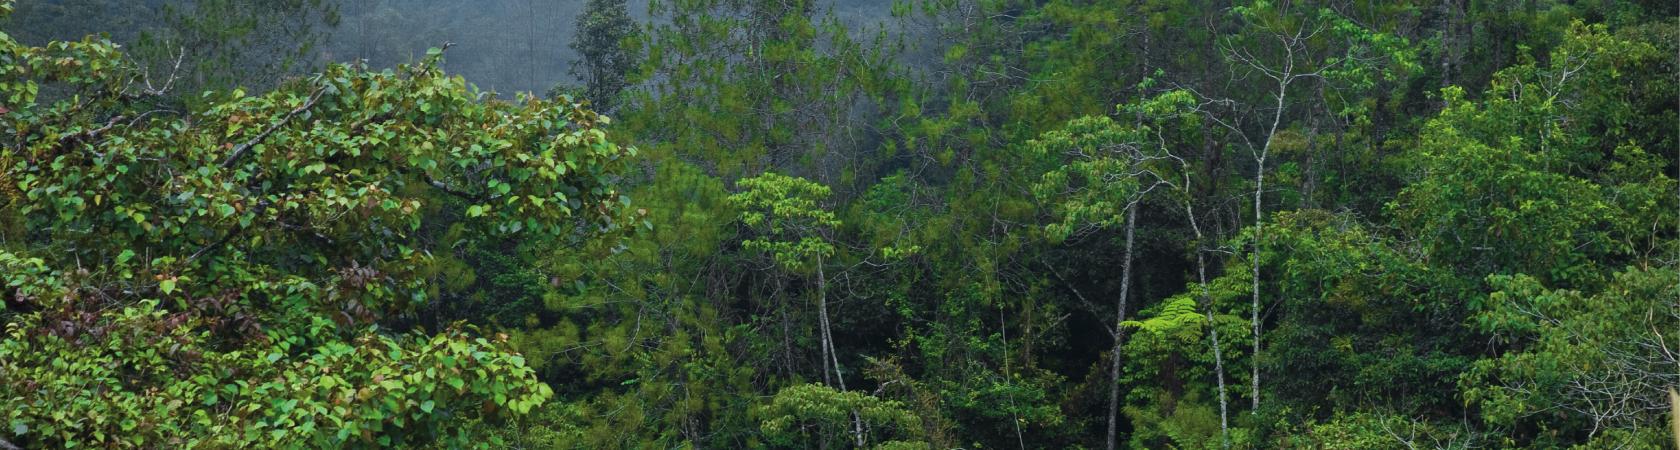 Projeto Painel Brasileiro de Biodiversidade (PainelBio)